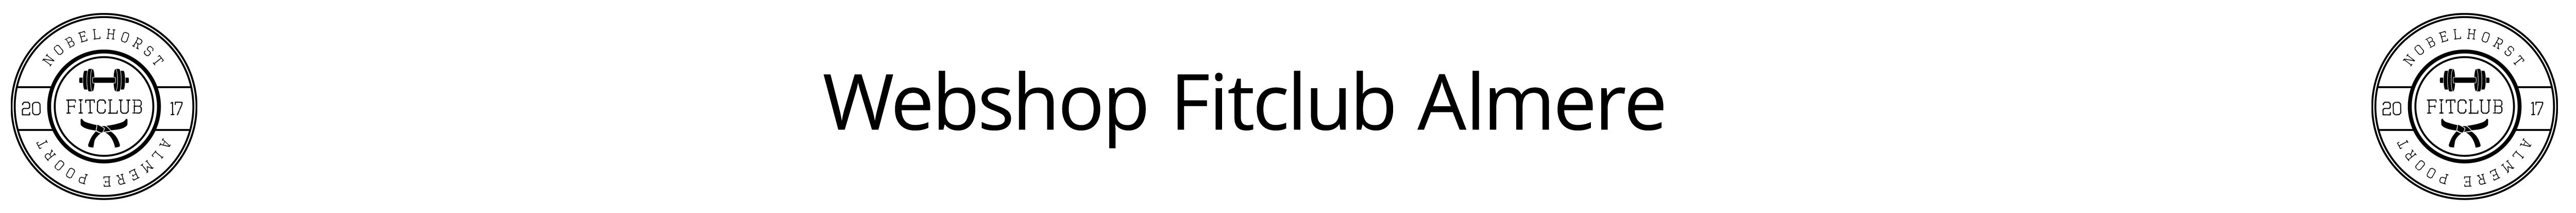 Fitclub Almere